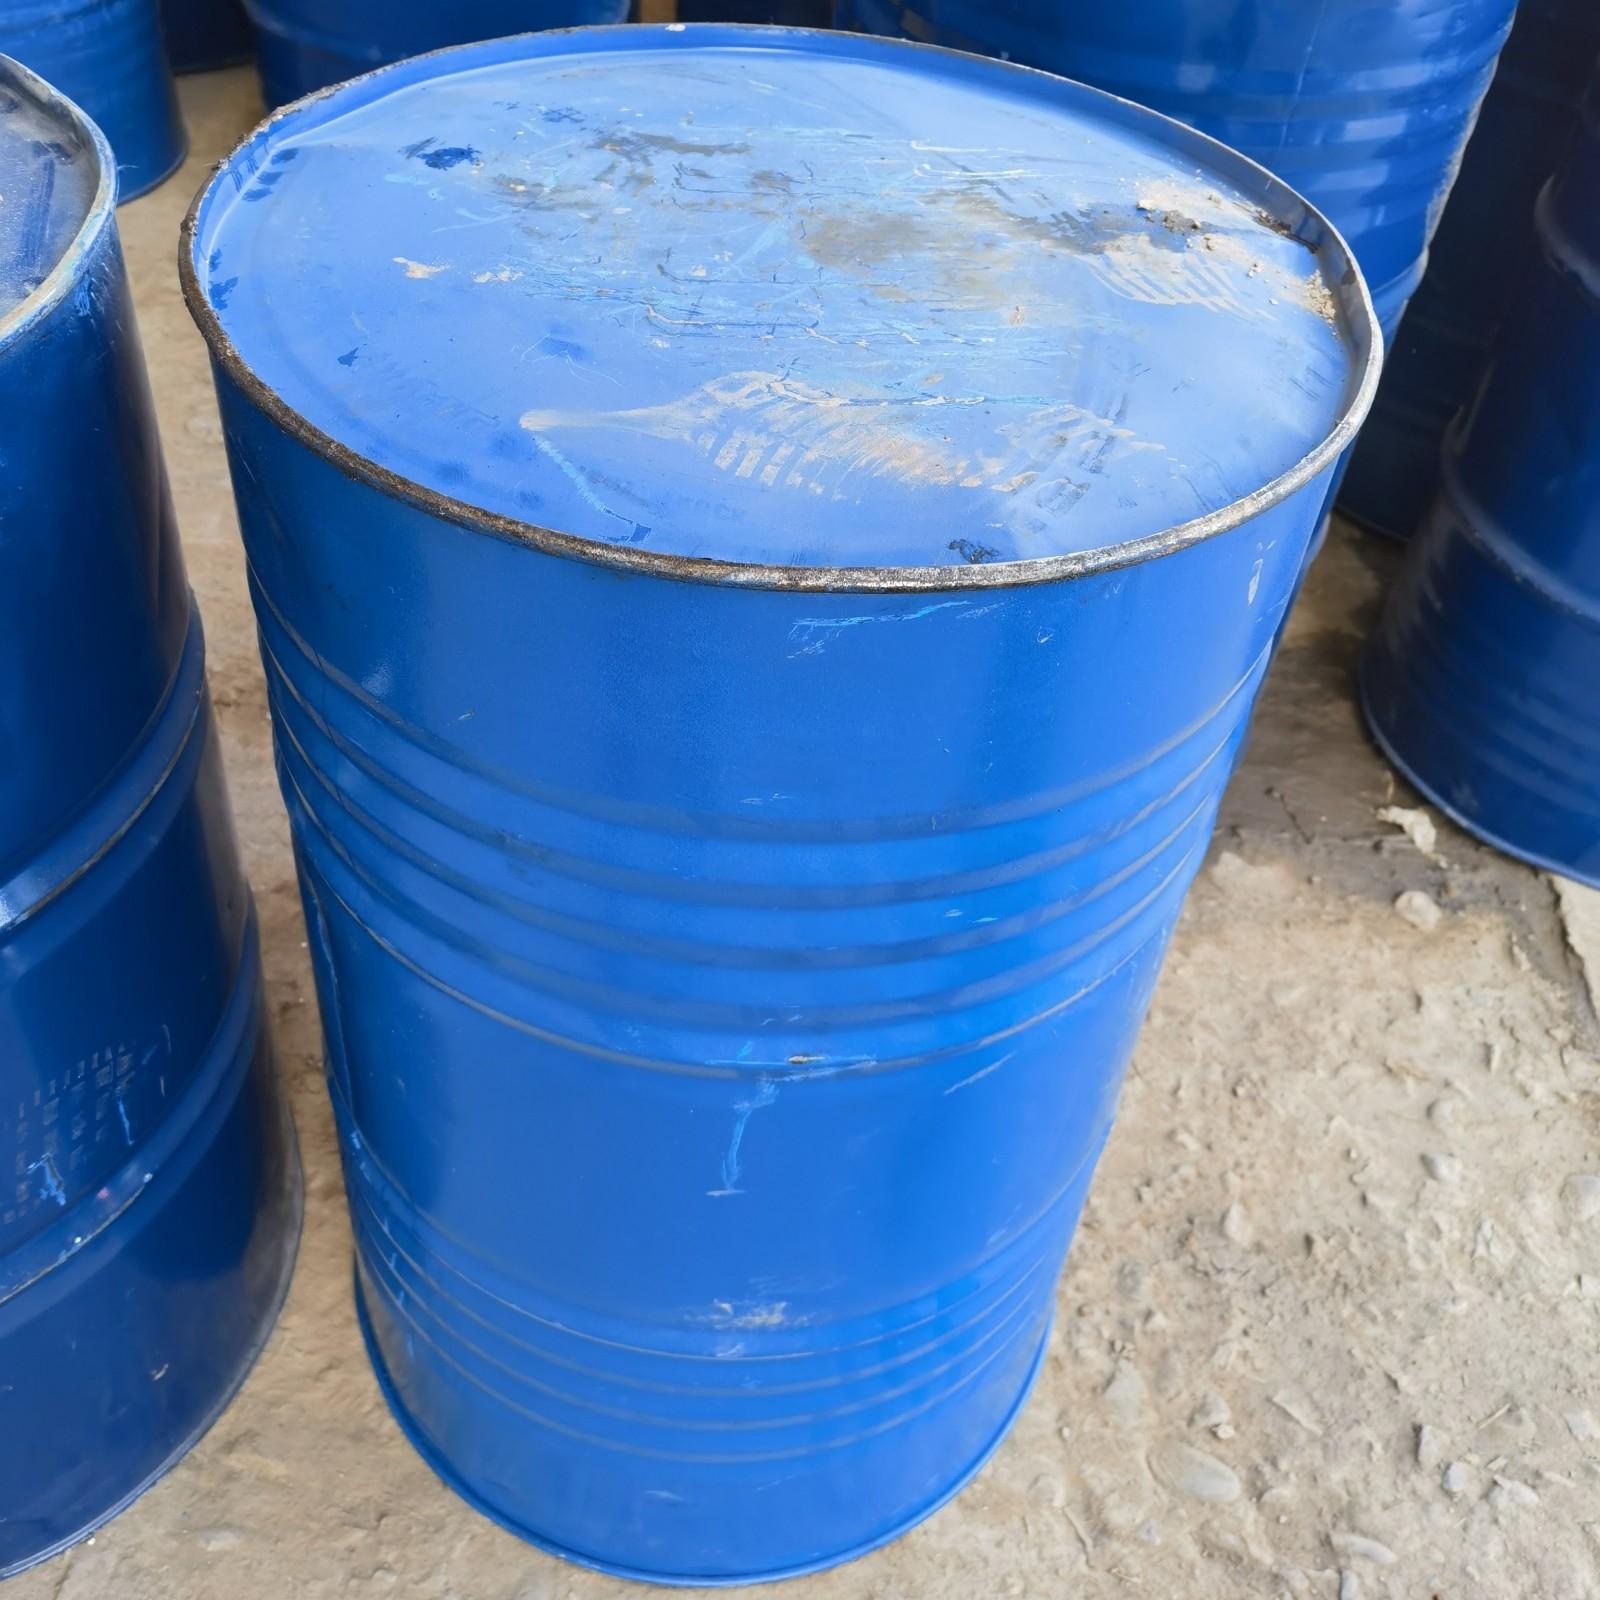 迈腾慧采 蓝化号注塑机抗磨液压油抗燃低凝高温液压油170kg/桶